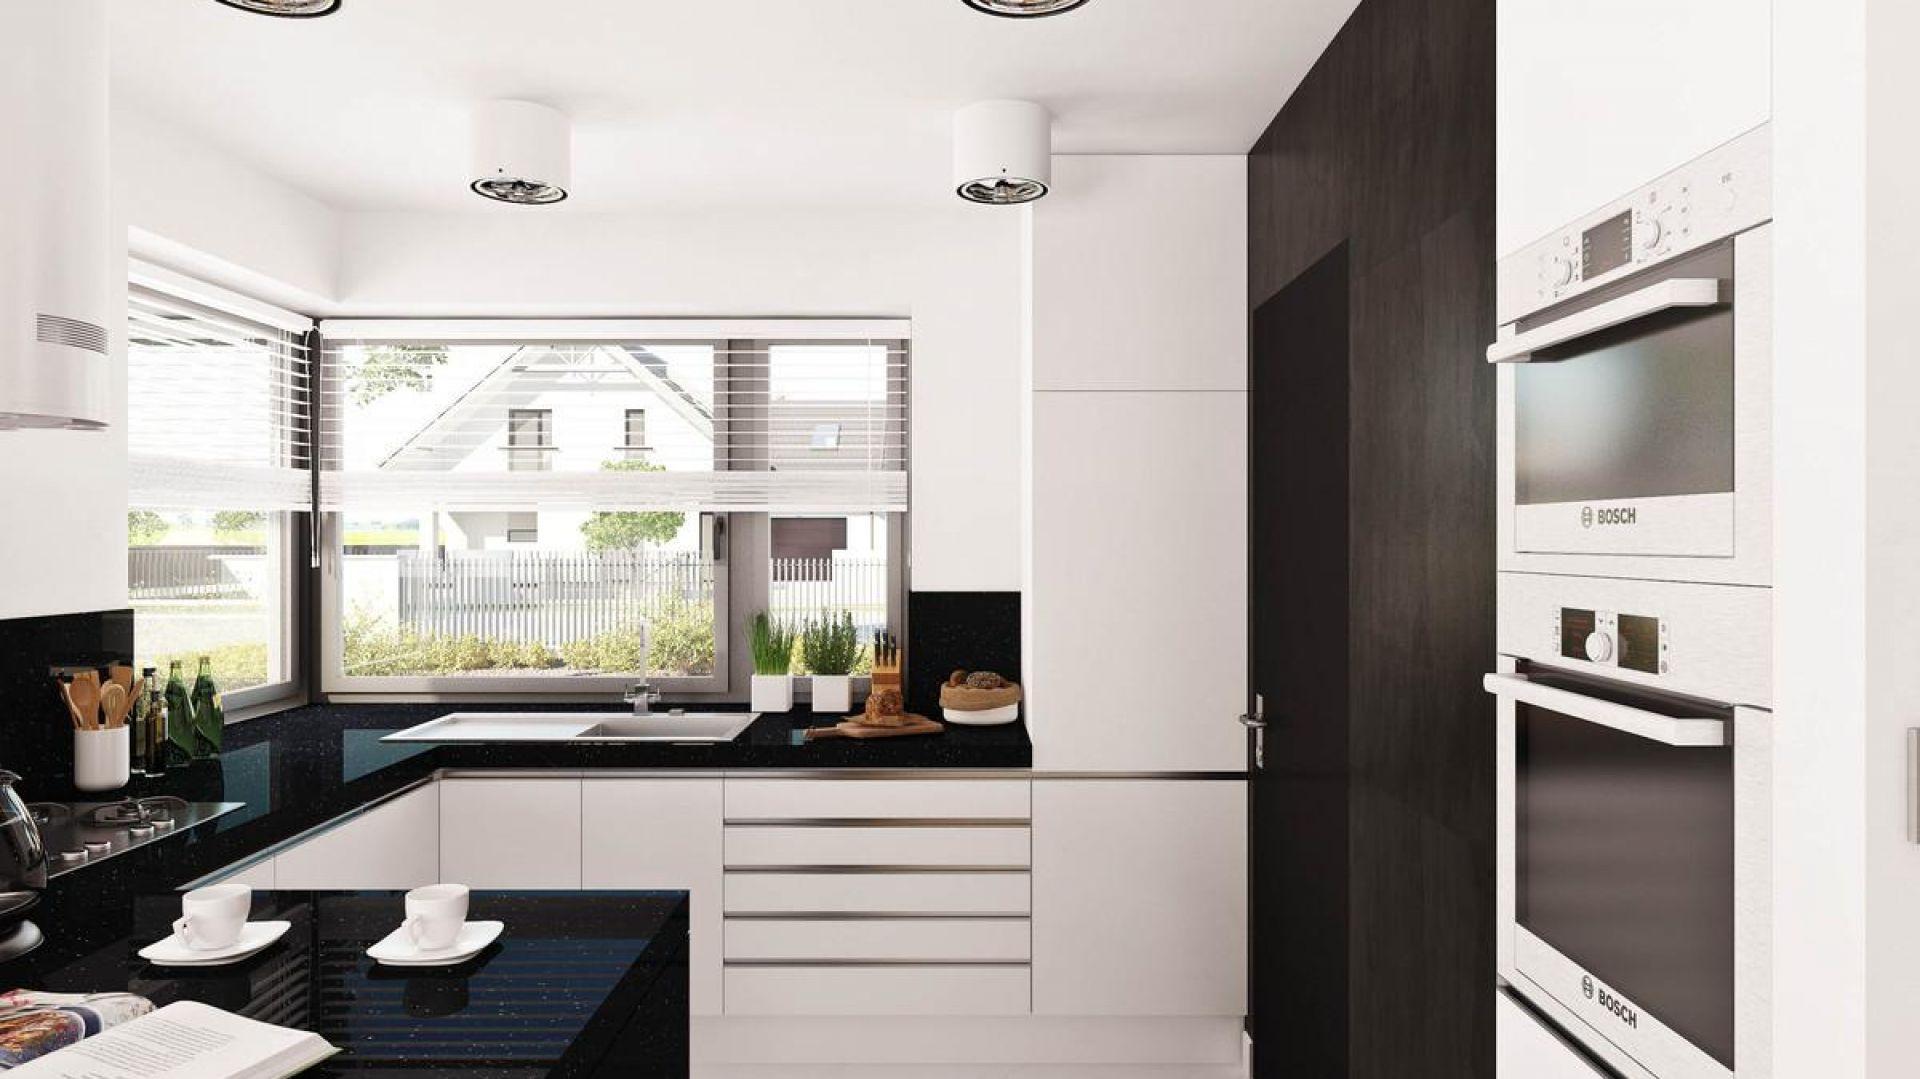 Kuchnię w domu Hary I urządzono bardzo nowocześnie. Kontrast między czernią i bielą tworzy bardzo elegancki charakter. Fot. Prestige